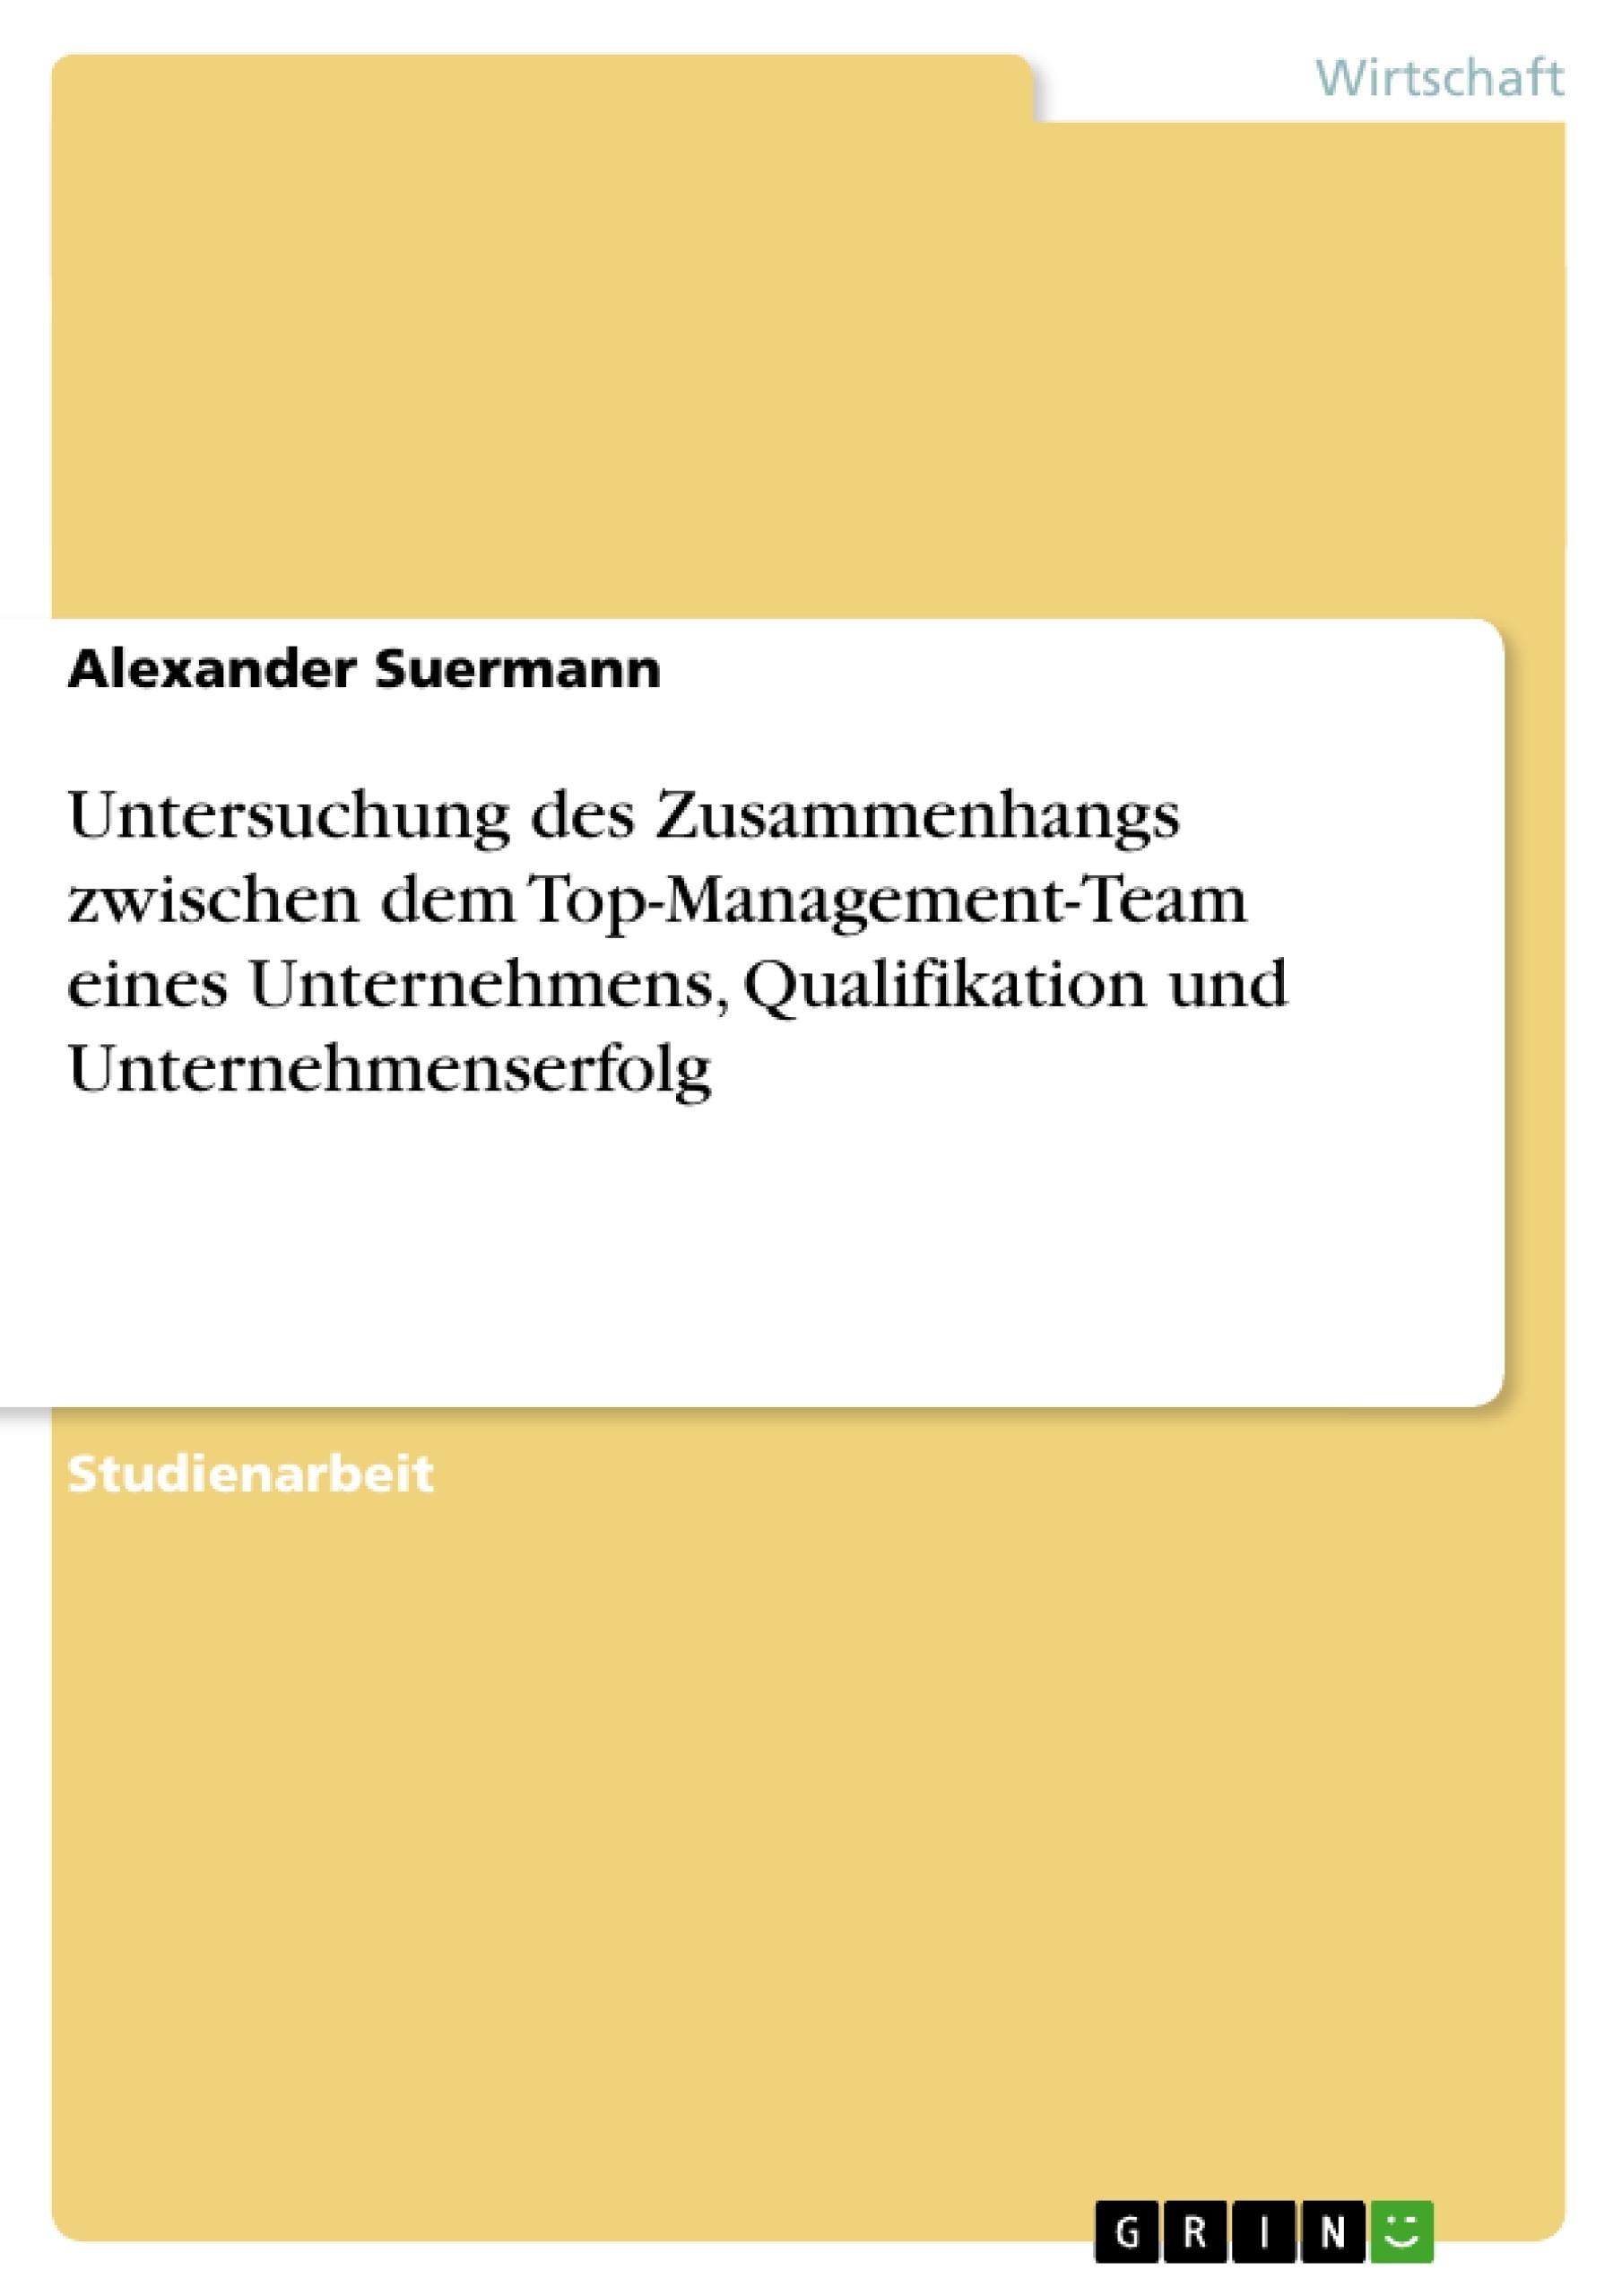 Titel: Untersuchung des Zusammenhangs zwischen dem Top-Management-Team eines Unternehmens, Qualifikation und Unternehmenserfolg